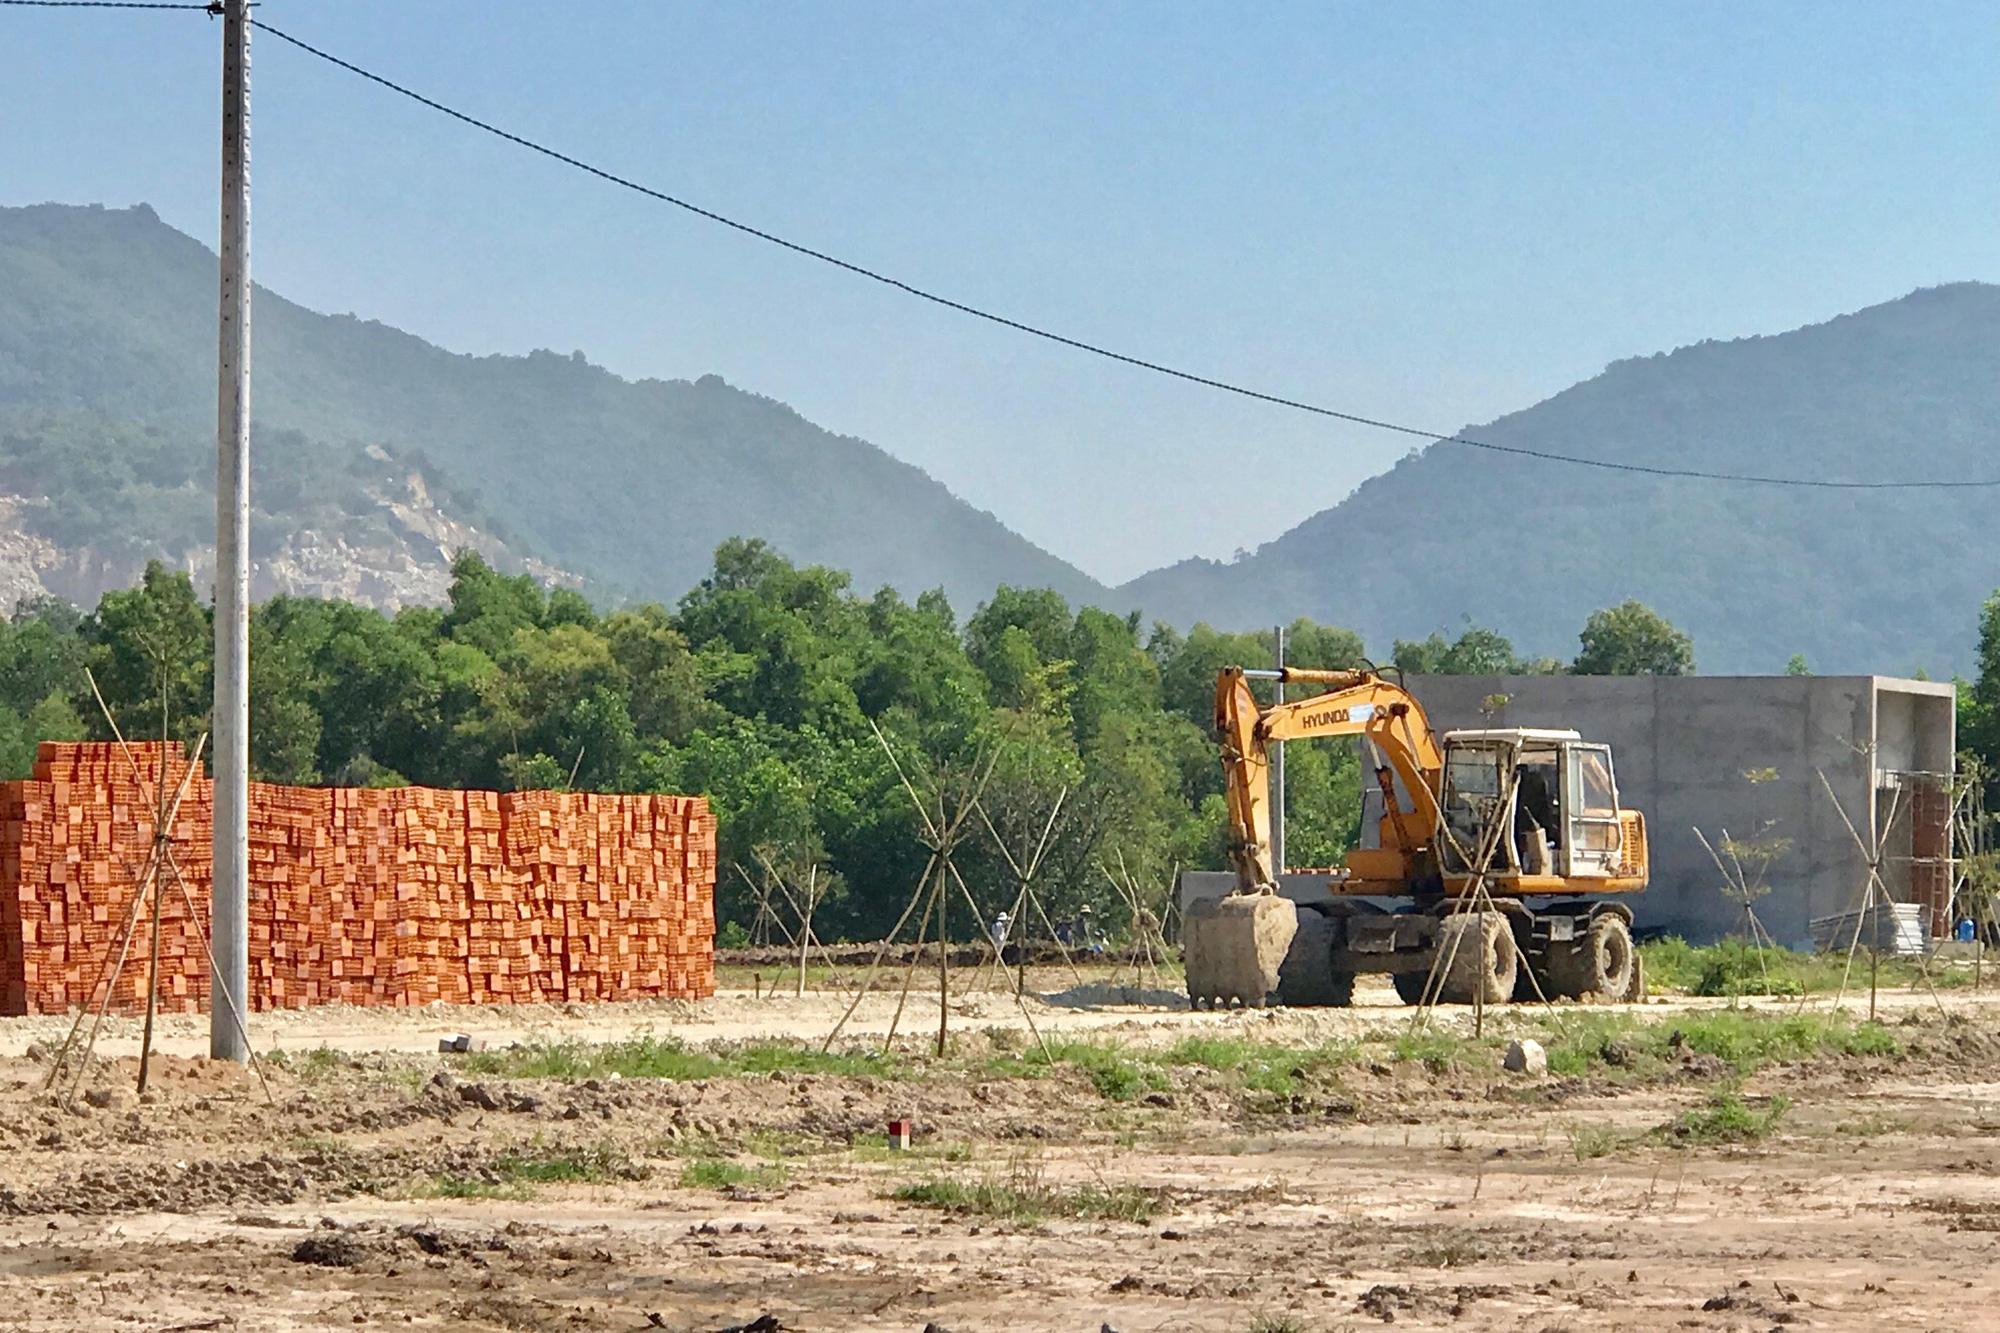 Bà Rịa - Vũng Tàu kiểm tra tình hình xây dựng, rao bán đất nông nghiệp được phân lô